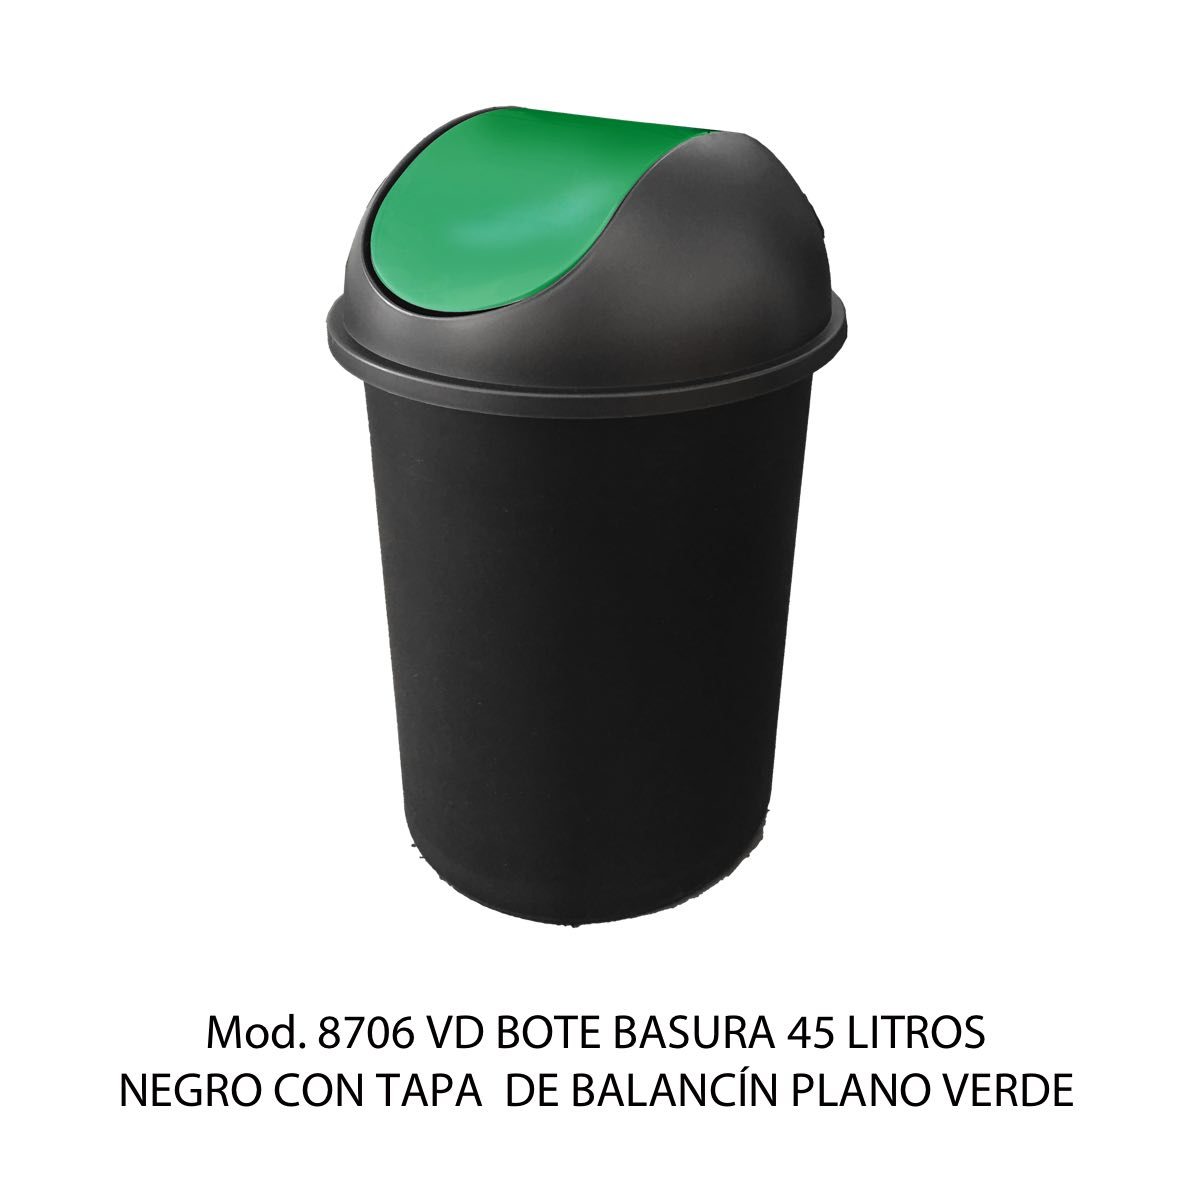 Bote de basura redondo negro de 45 litros con tapa verde tipo balancín liso modelo 8706 VD Sablón